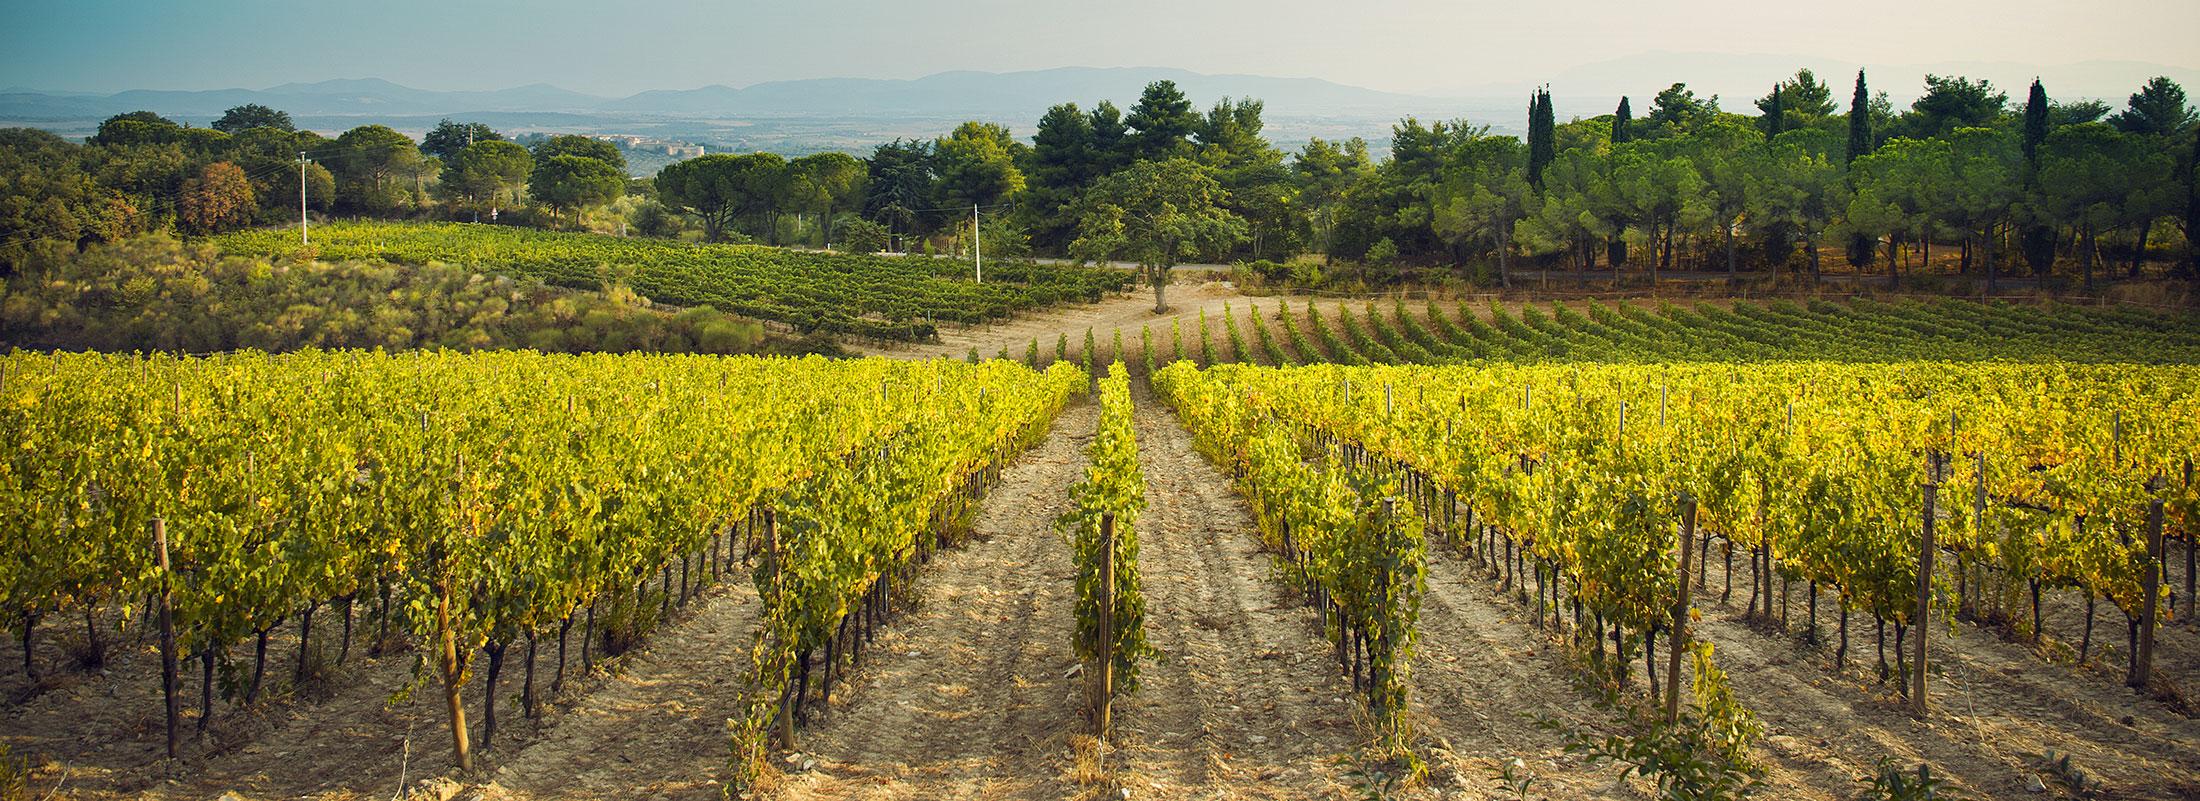 Fattoria-di-Magliano-vigne-Toscana